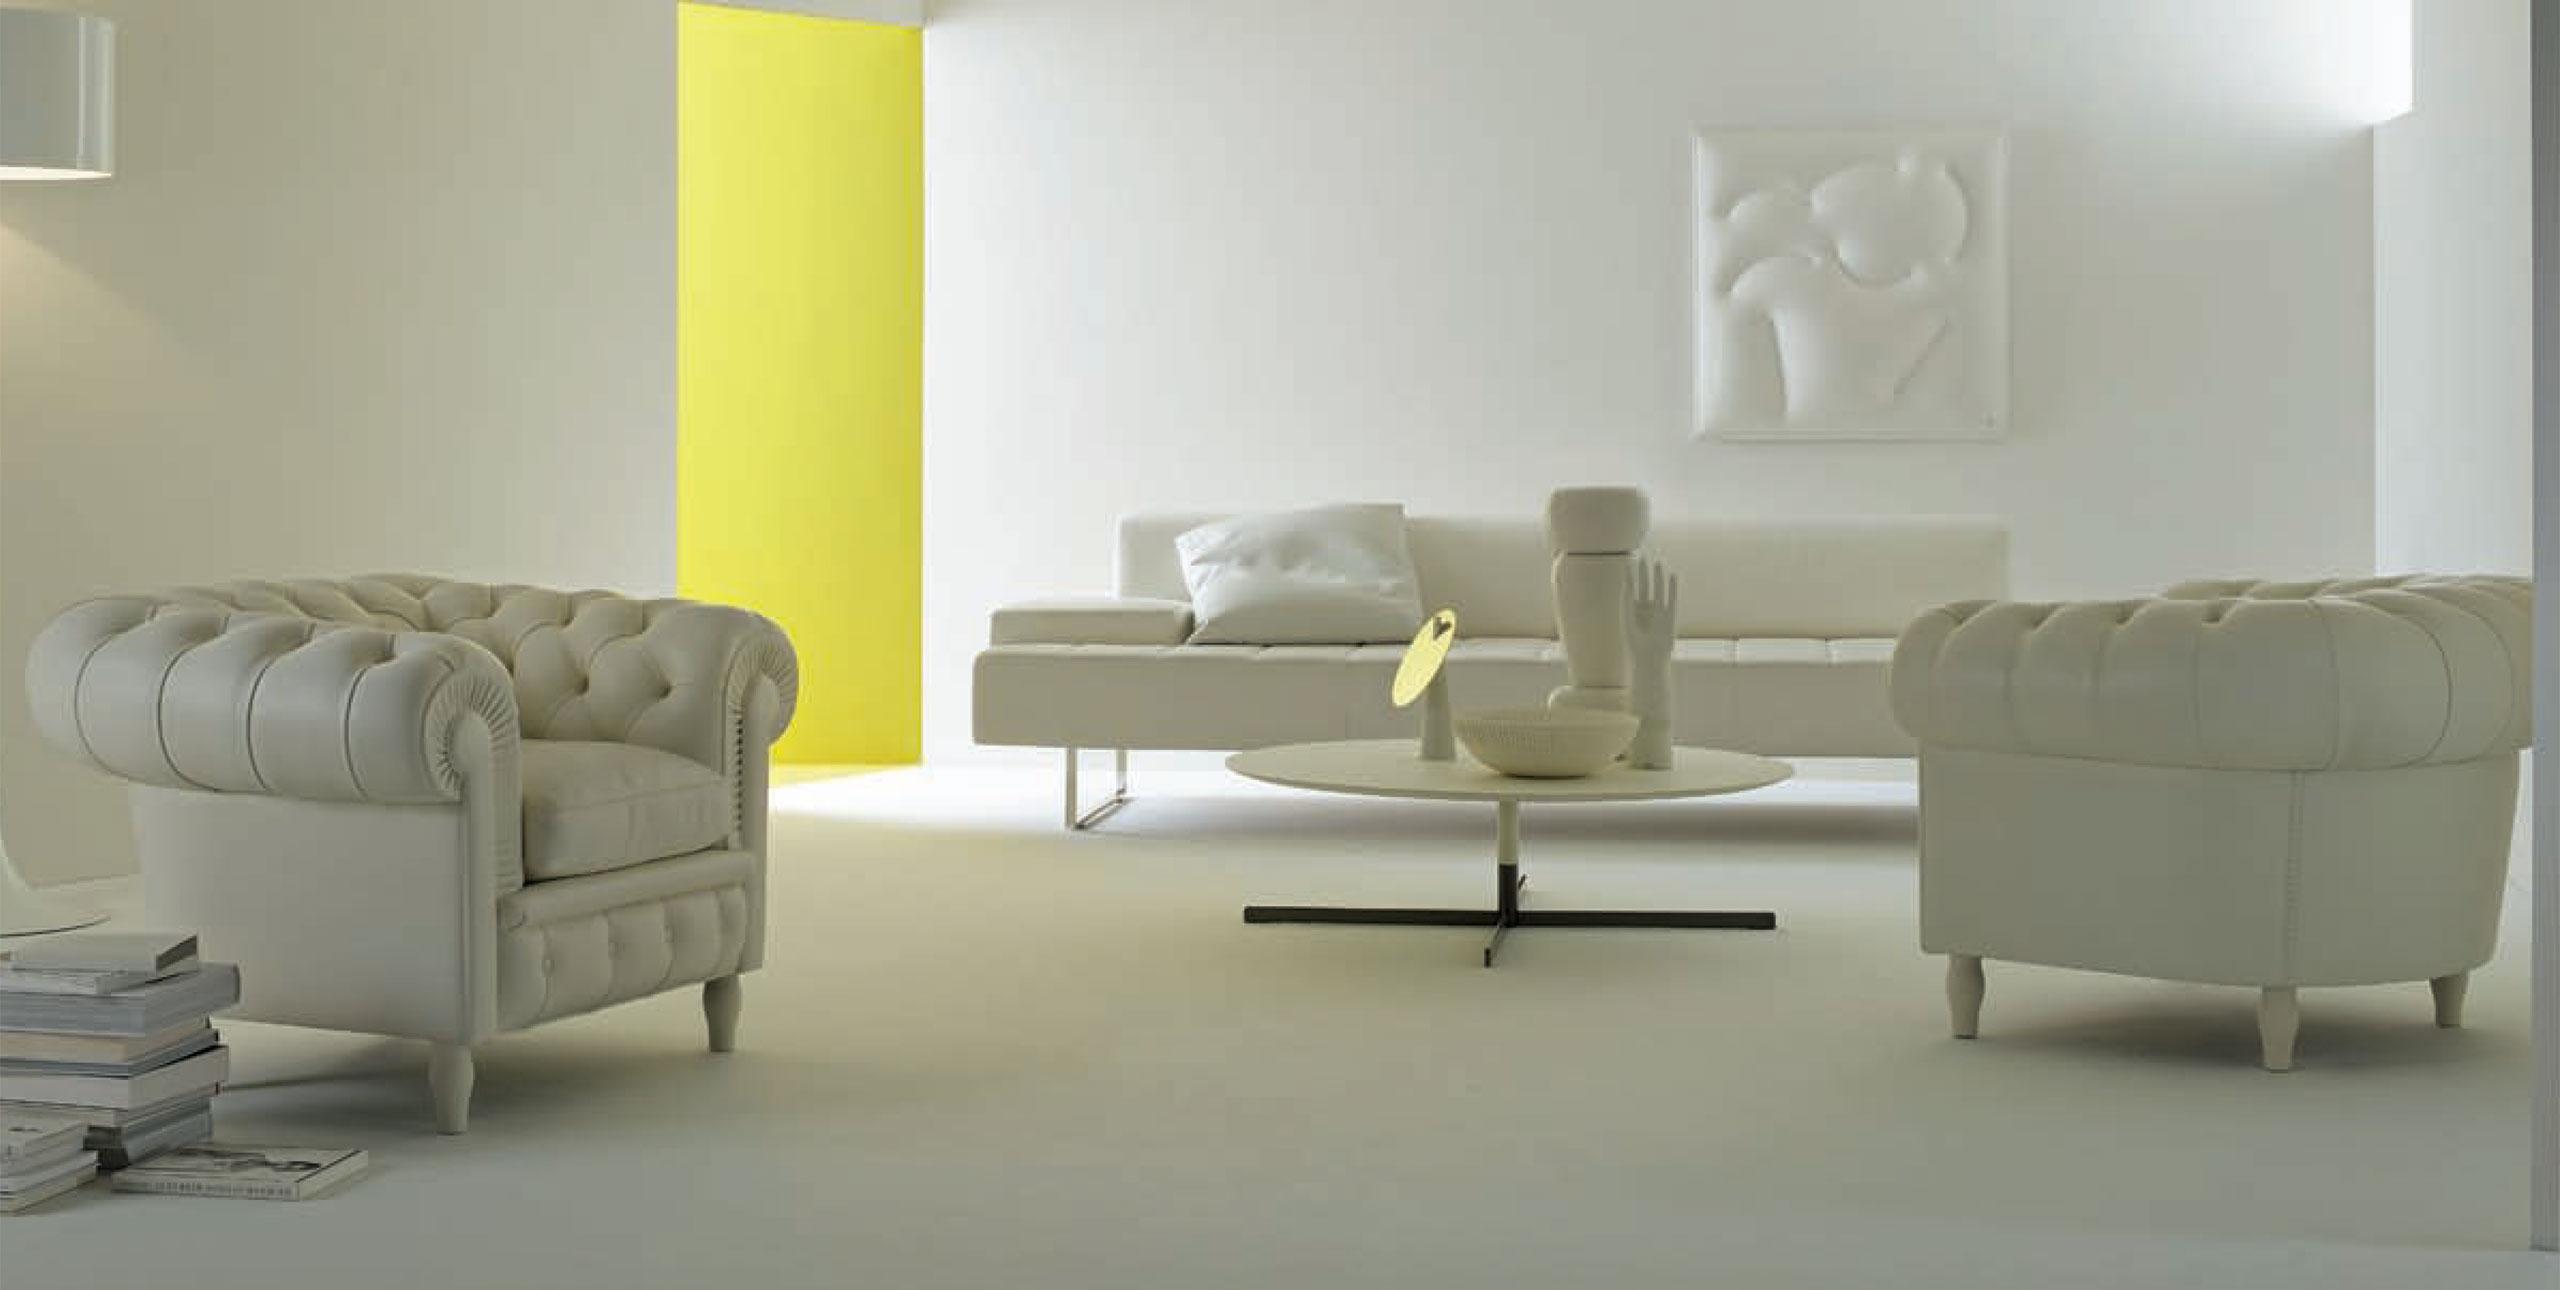 Poltrona chester di poltrona frau design renzo frau for Chester poltrona frau